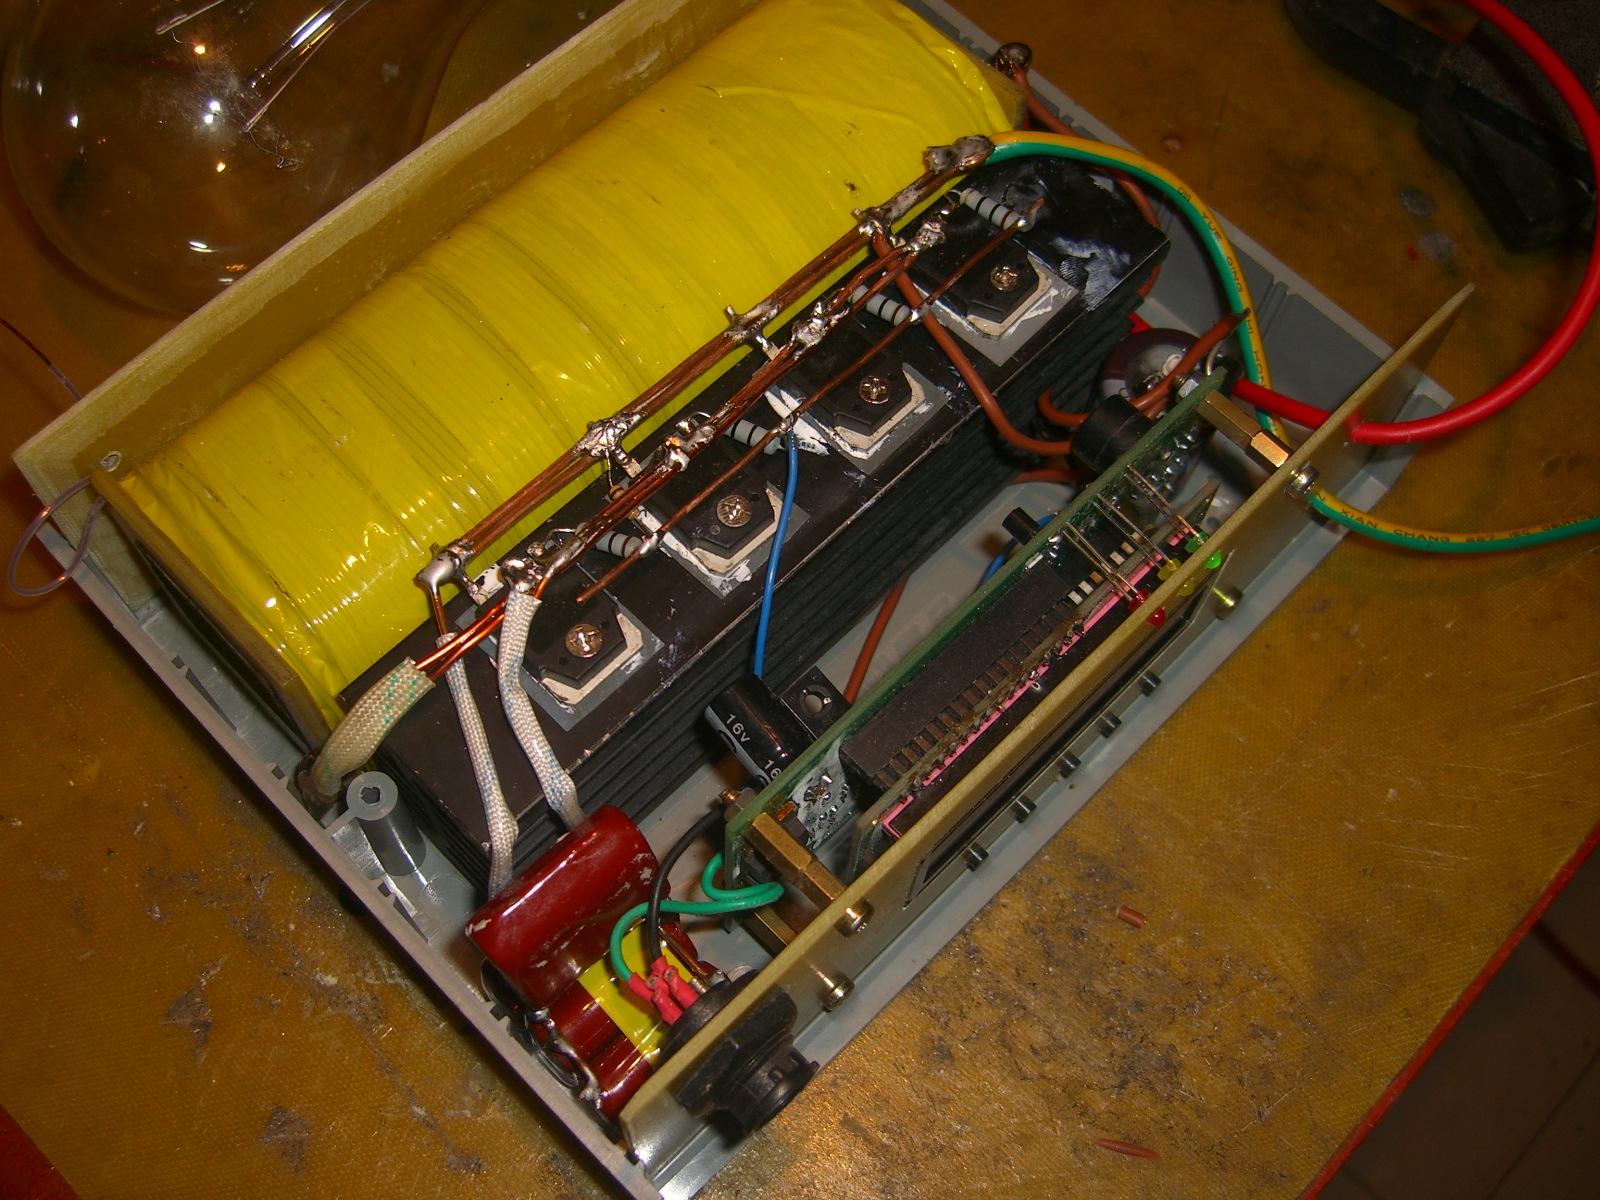 白金电鱼机电路图_白金机电路图老式白金机电路